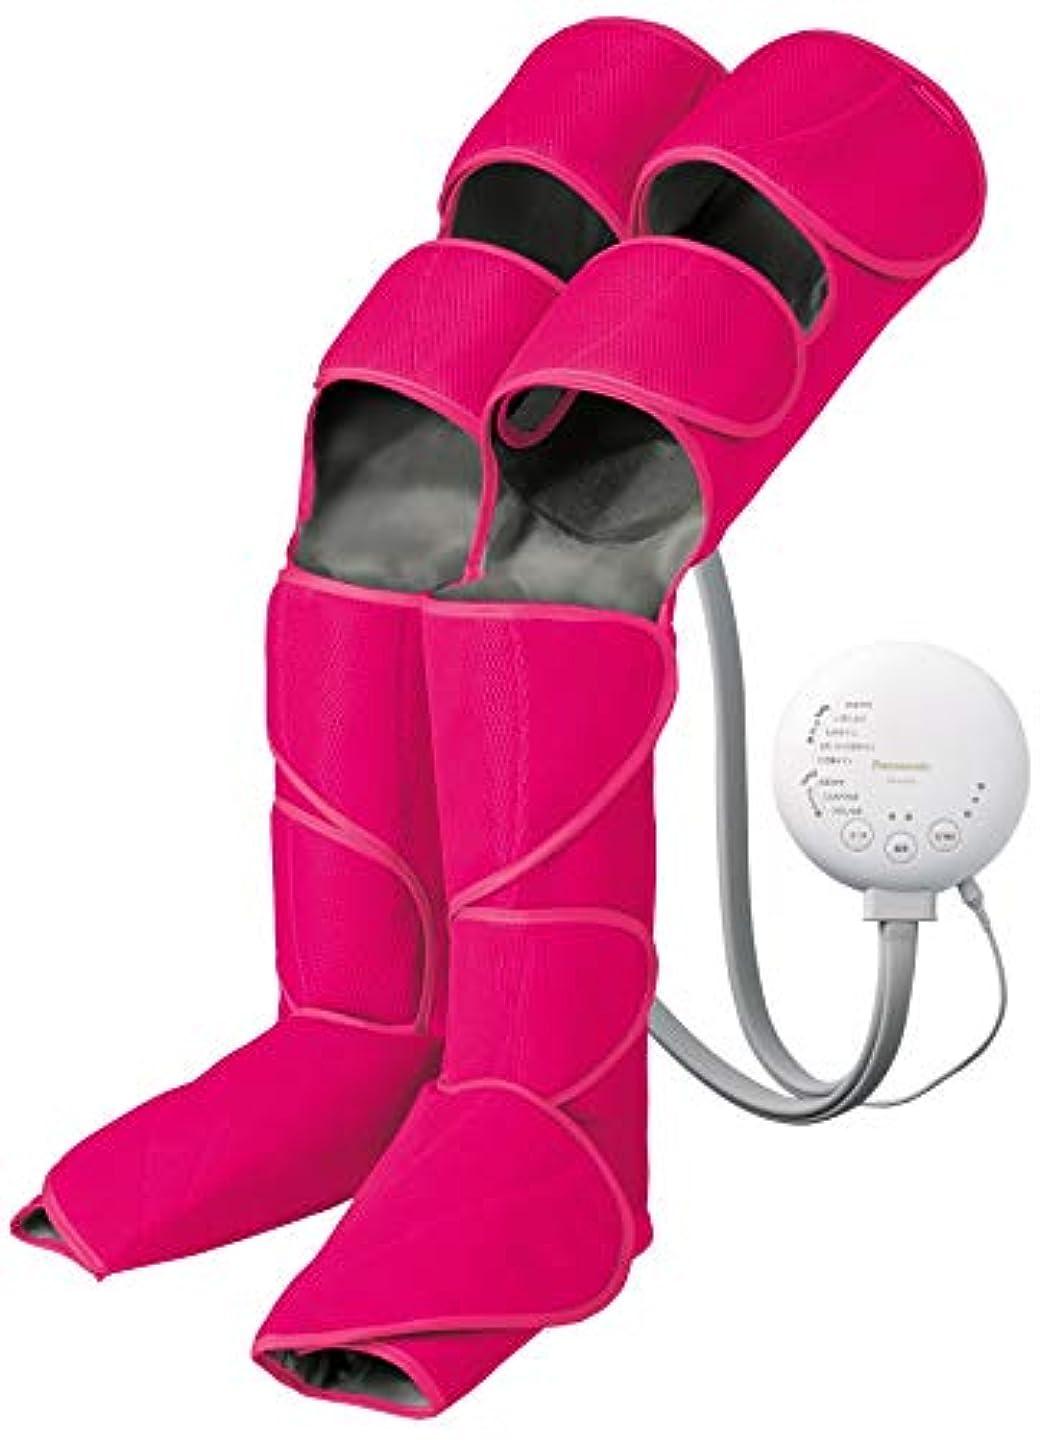 支配する汚物喉頭パナソニック エアーマッサージャー レッグリフレ ひざ/太もも巻き対応 温感機能搭載 ルージュピンク EW-RA98-RP